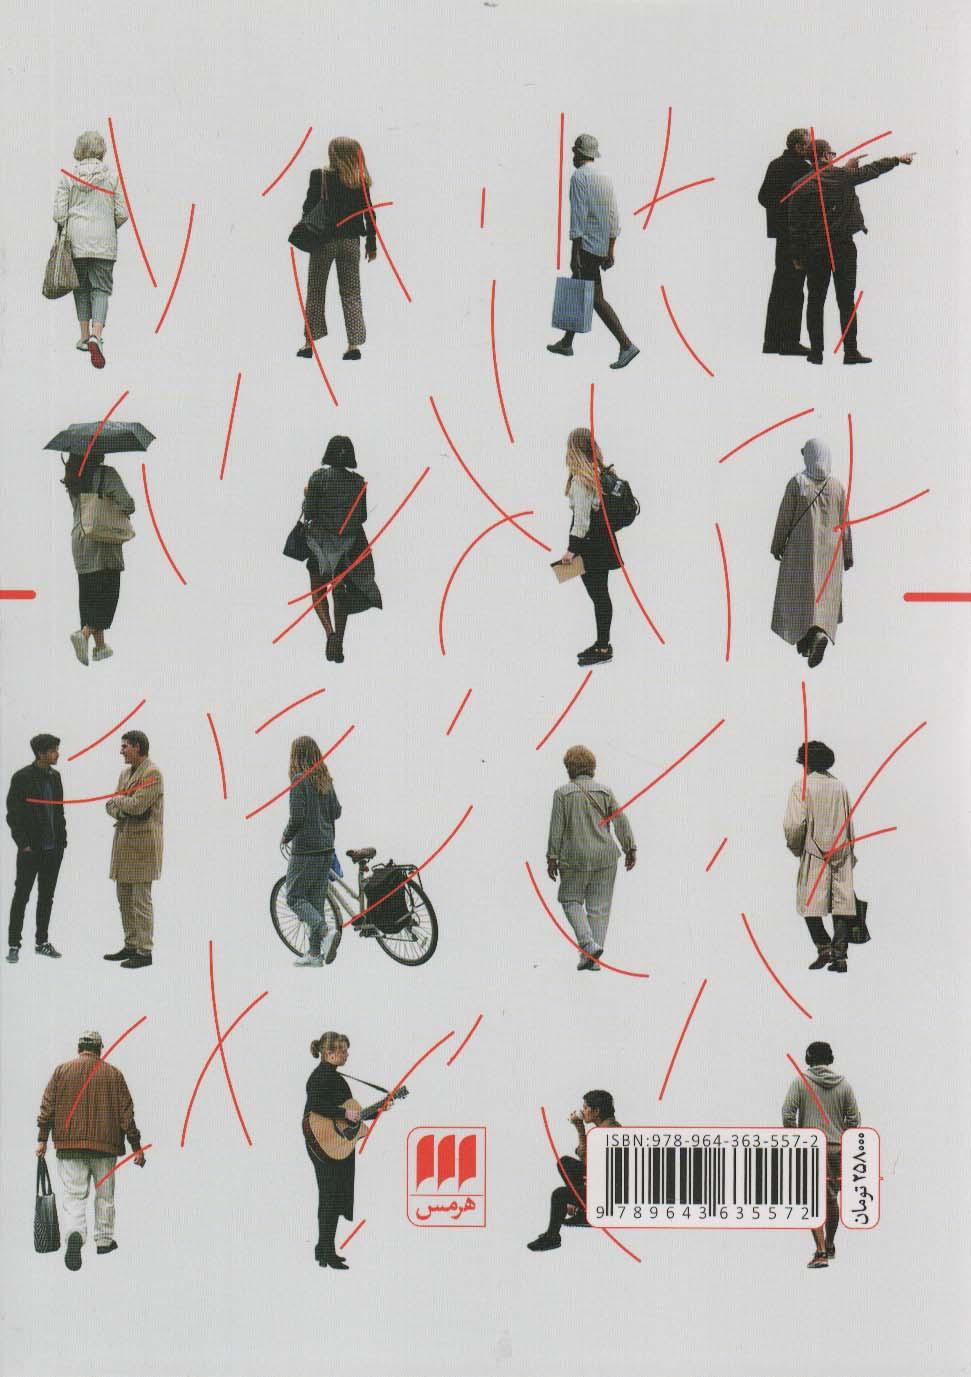 هنر شناخت مردم (چگونه می توان دیگران را سریع ارزیابی کرد و به زبان خودشان با آنان سخن گفت)